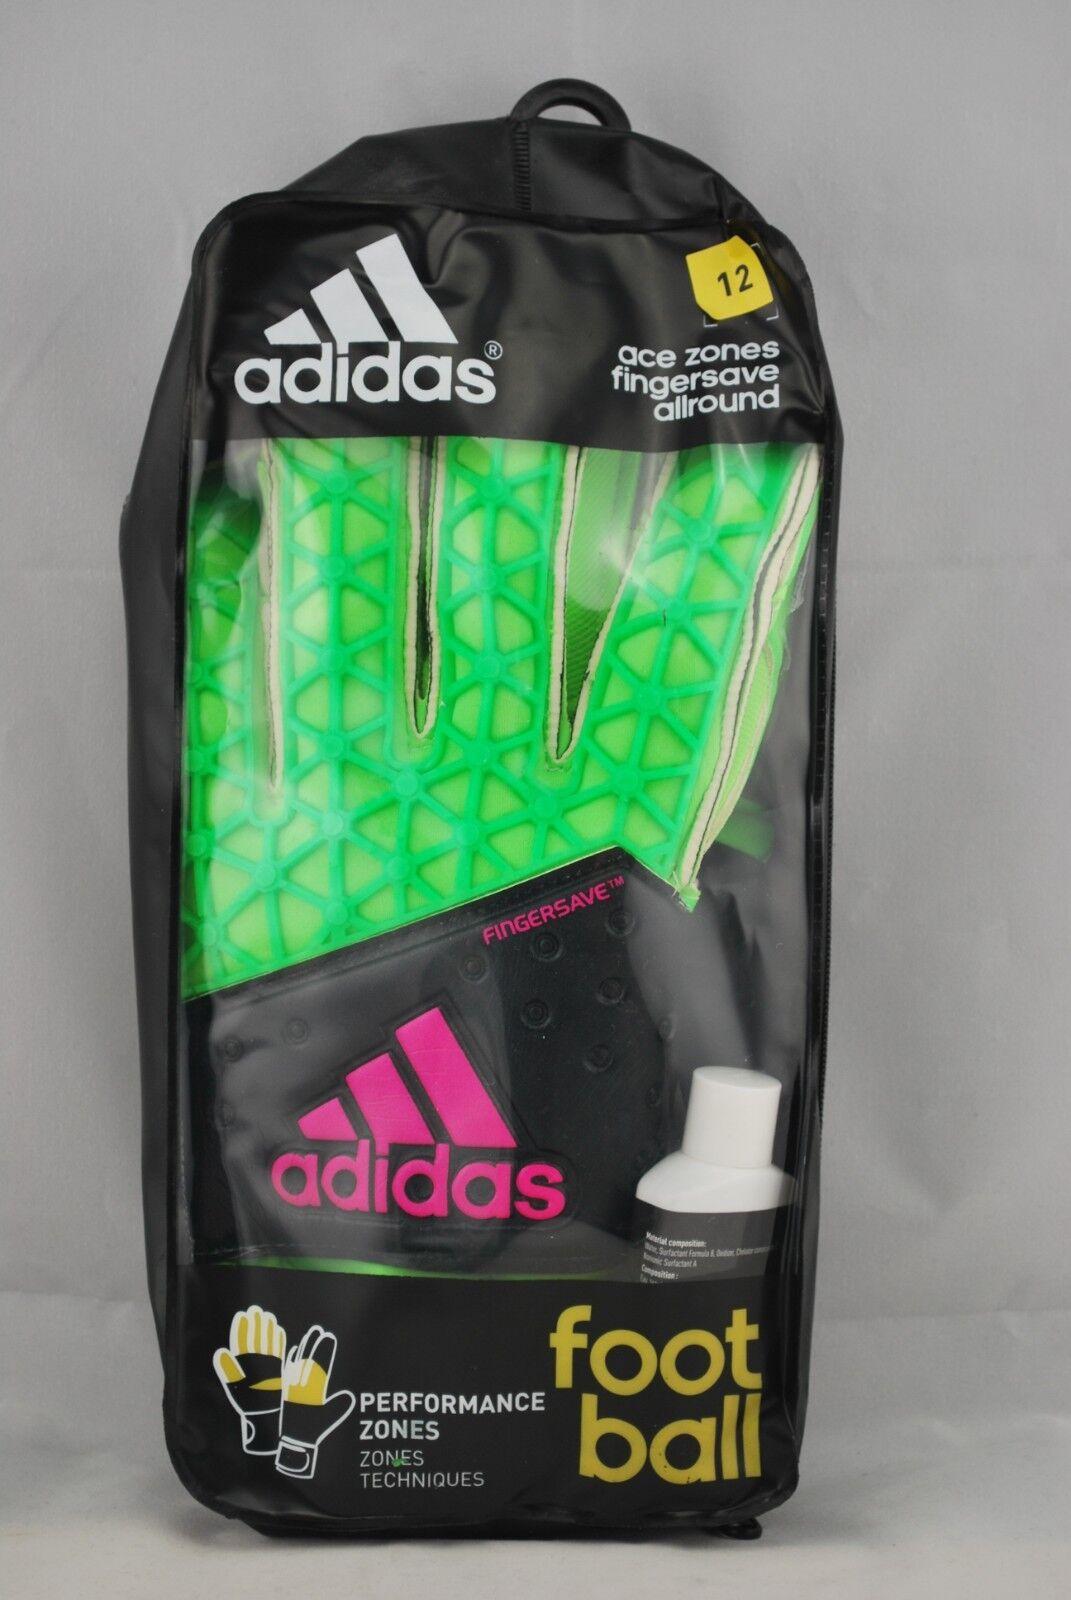 Adidas Ace Zones fingersave allround Fußball Torwarthandschuh Torwarthandschuh Torwarthandschuh Gr. 9 10 11 12 cf4cec